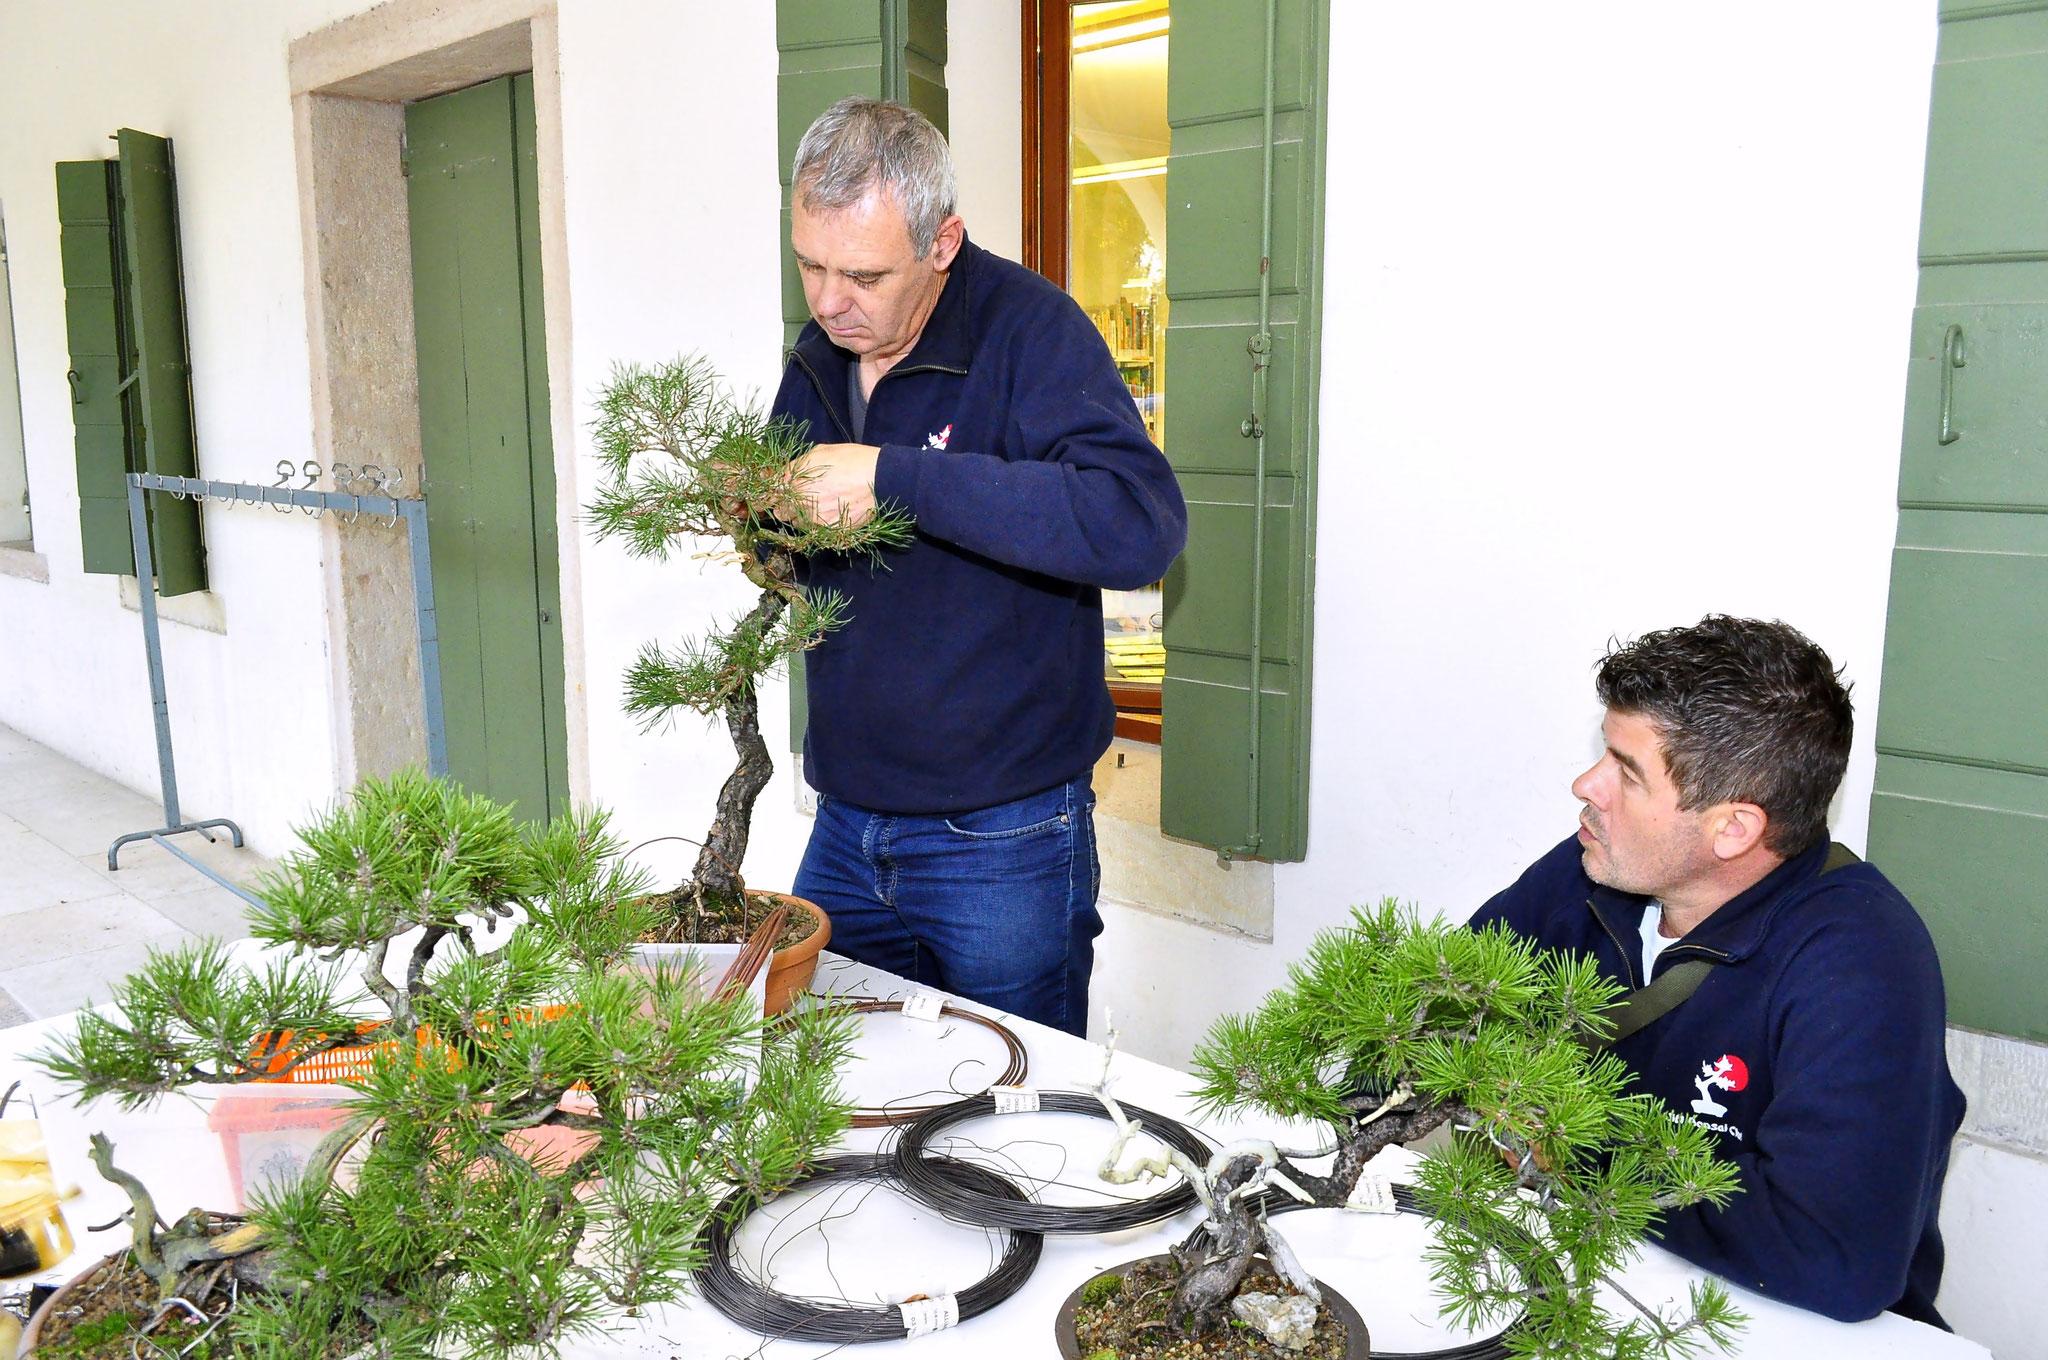 Soci in tenuta da combattimento (lavorazione piante all'esterno della mostra)